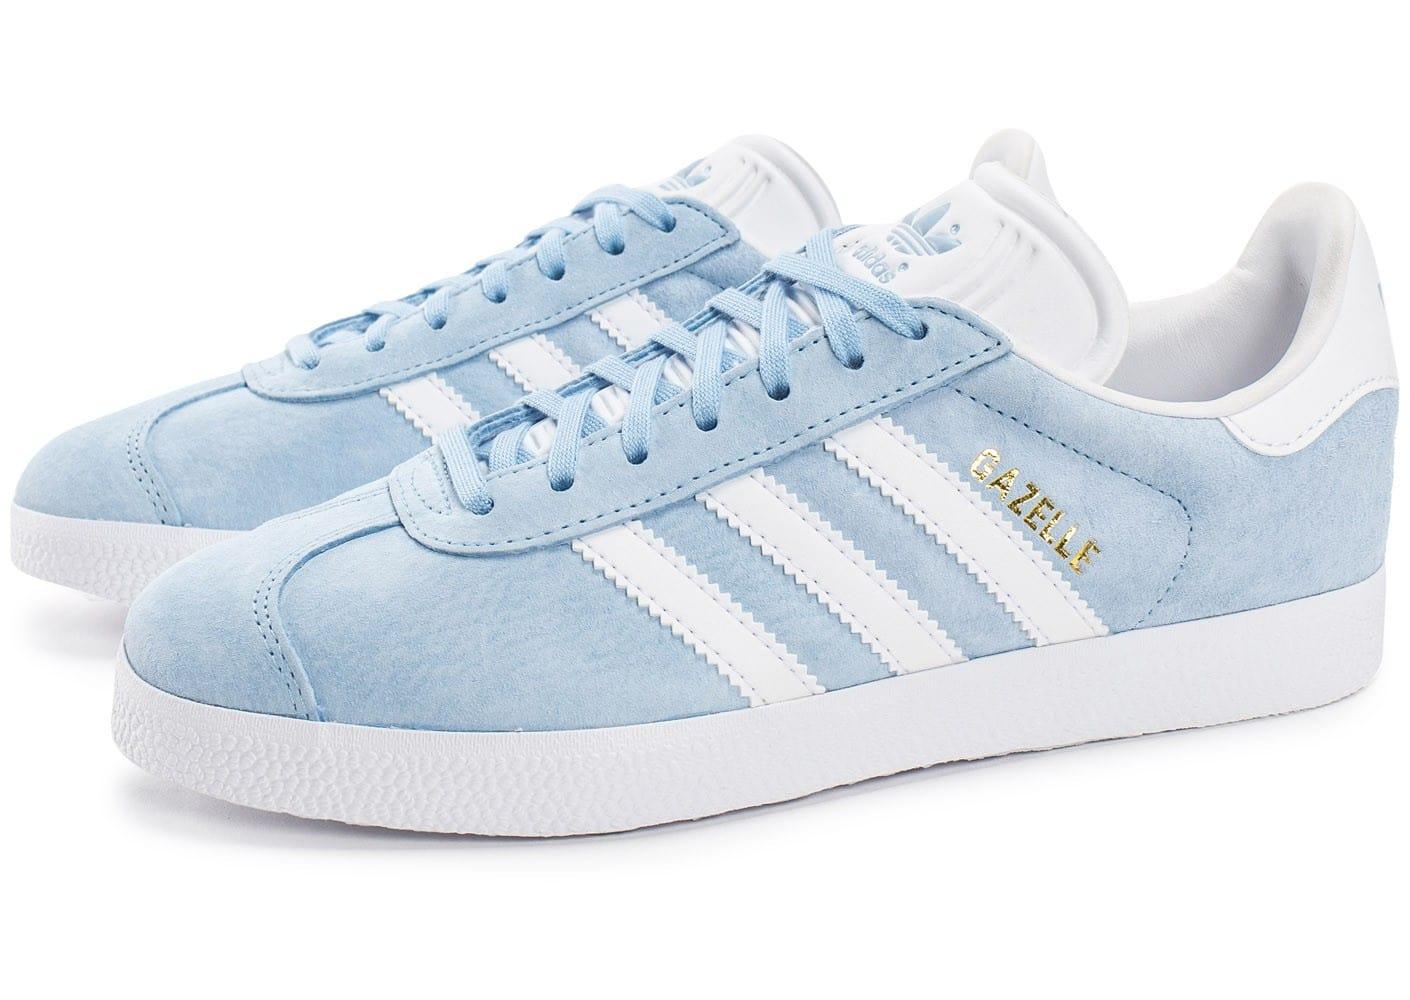 huge discount 001c9 ef6f9 adidas gazelle femme bleu ciel Chez Discount, vous aimez courir  Ensuite,  une bonne chaussure est nécessaire pour vous de choisir avec le prix  raisonnable ...